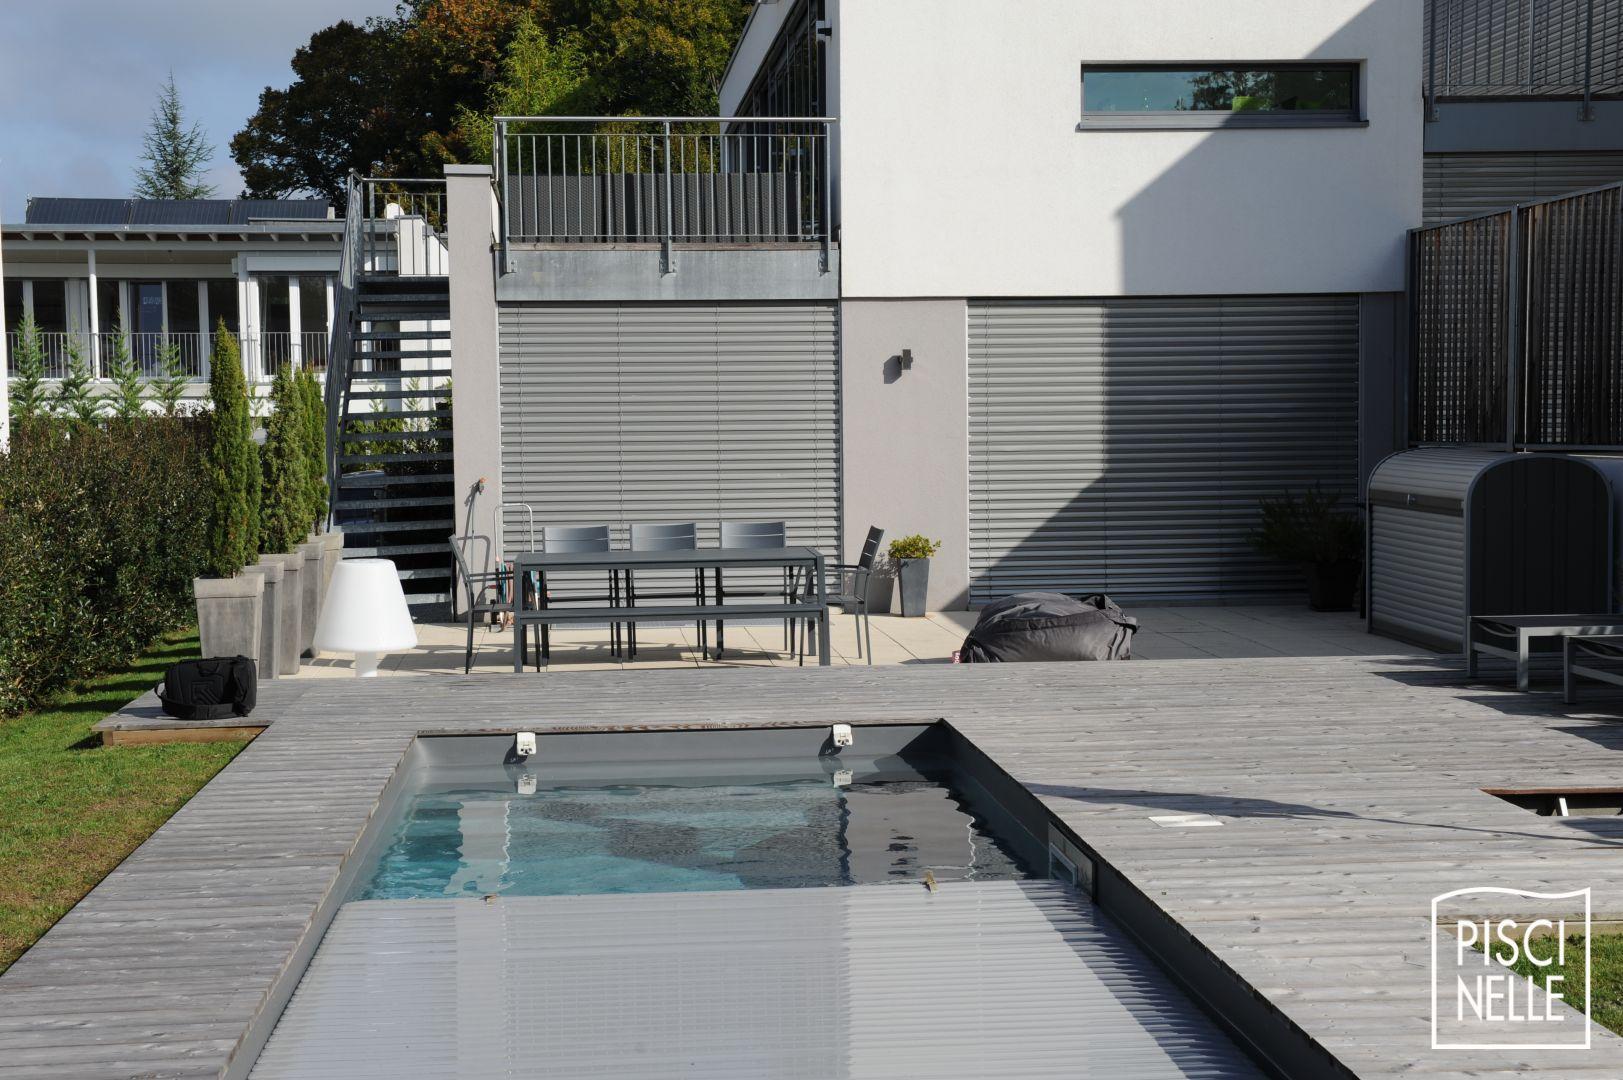 100 piscine couloir de nage prix reportage photo piscine sur un couloi - Couloir de nage prix ...